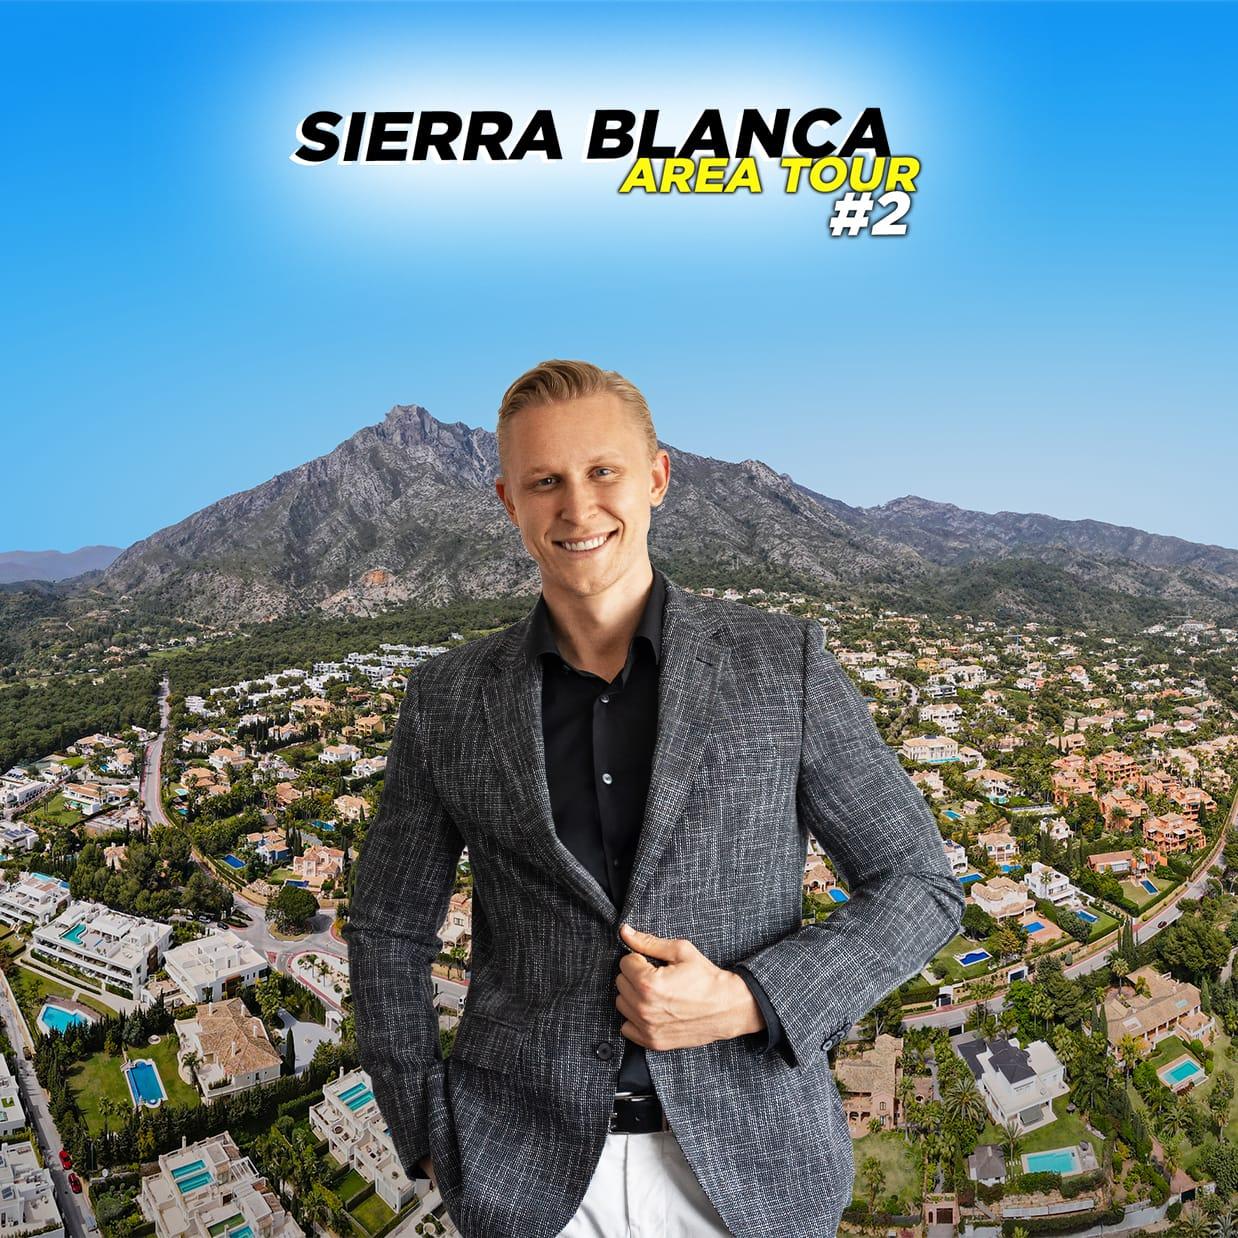 La comunidad cerrada más prestigiosa de Marbella: Sierra Blanca